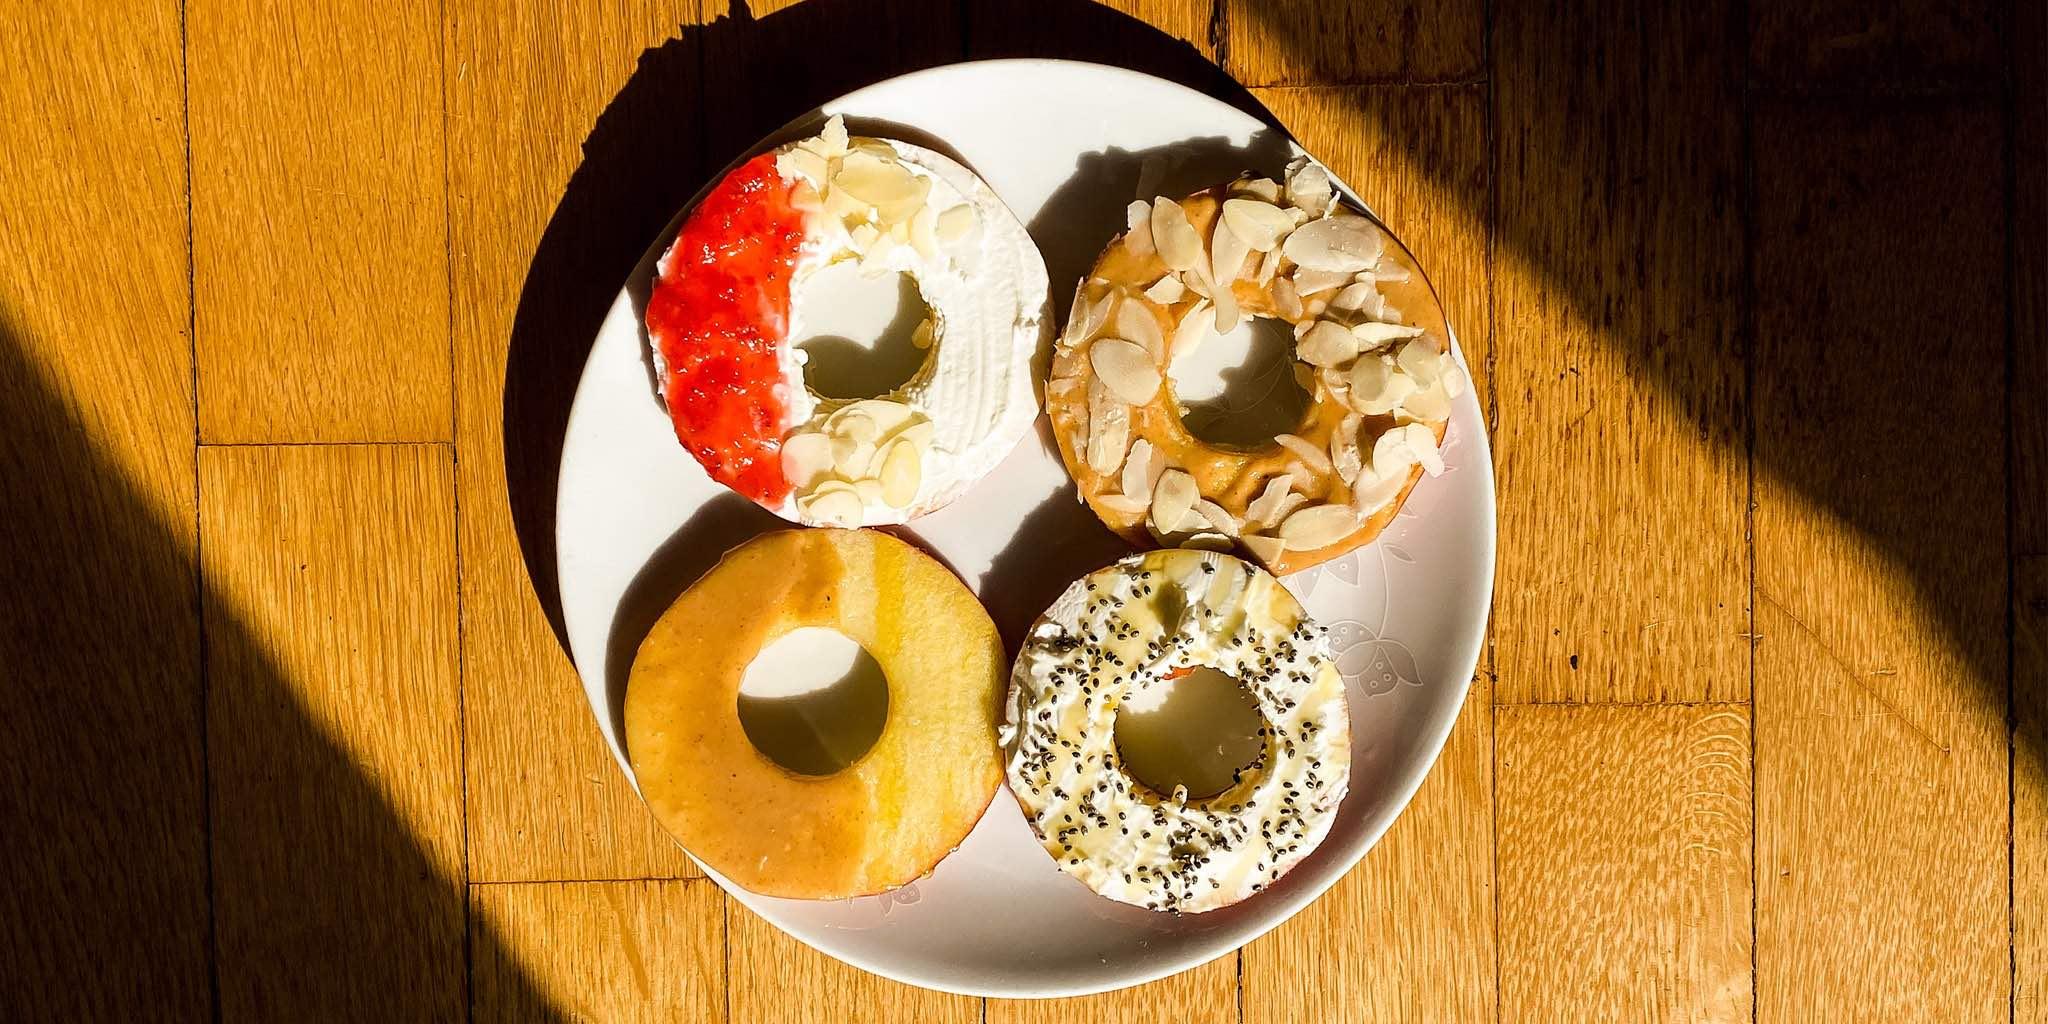 Donut de manzana